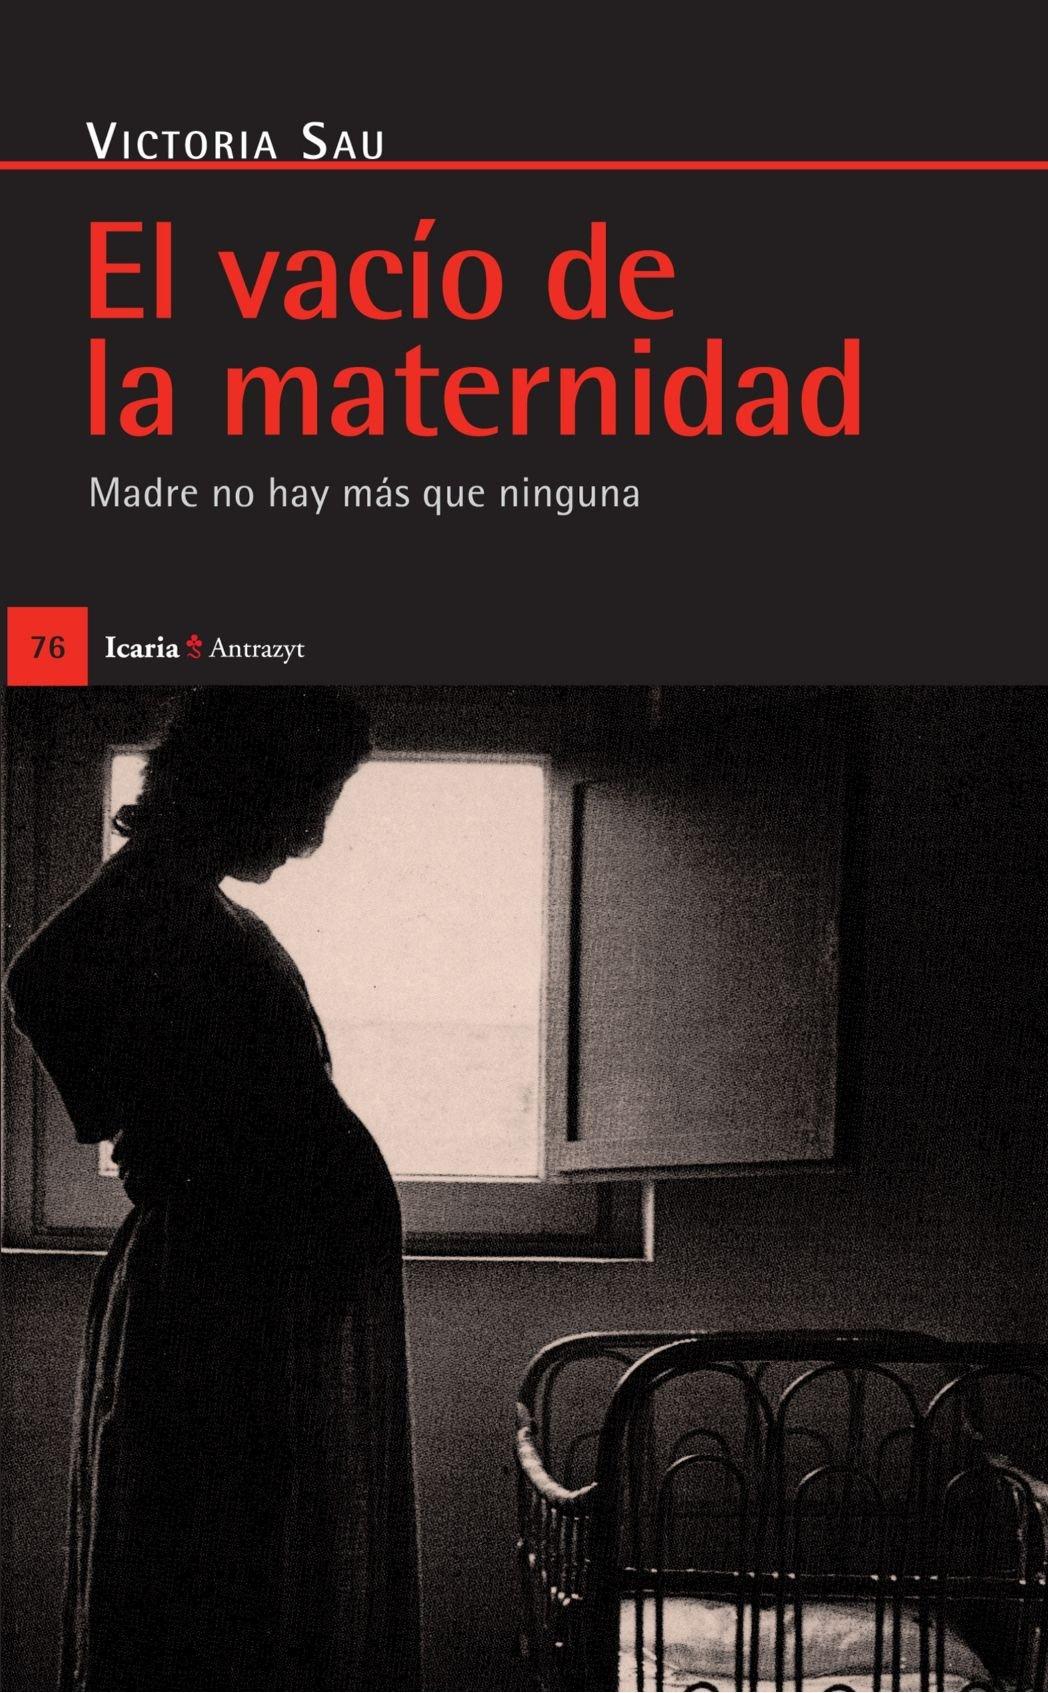 El Vacío De La Maternidad (Antrazyt) Tapa blanda – 29 abr 2011 Victoria Sau Icaria editorial 8474262399 Embarazo